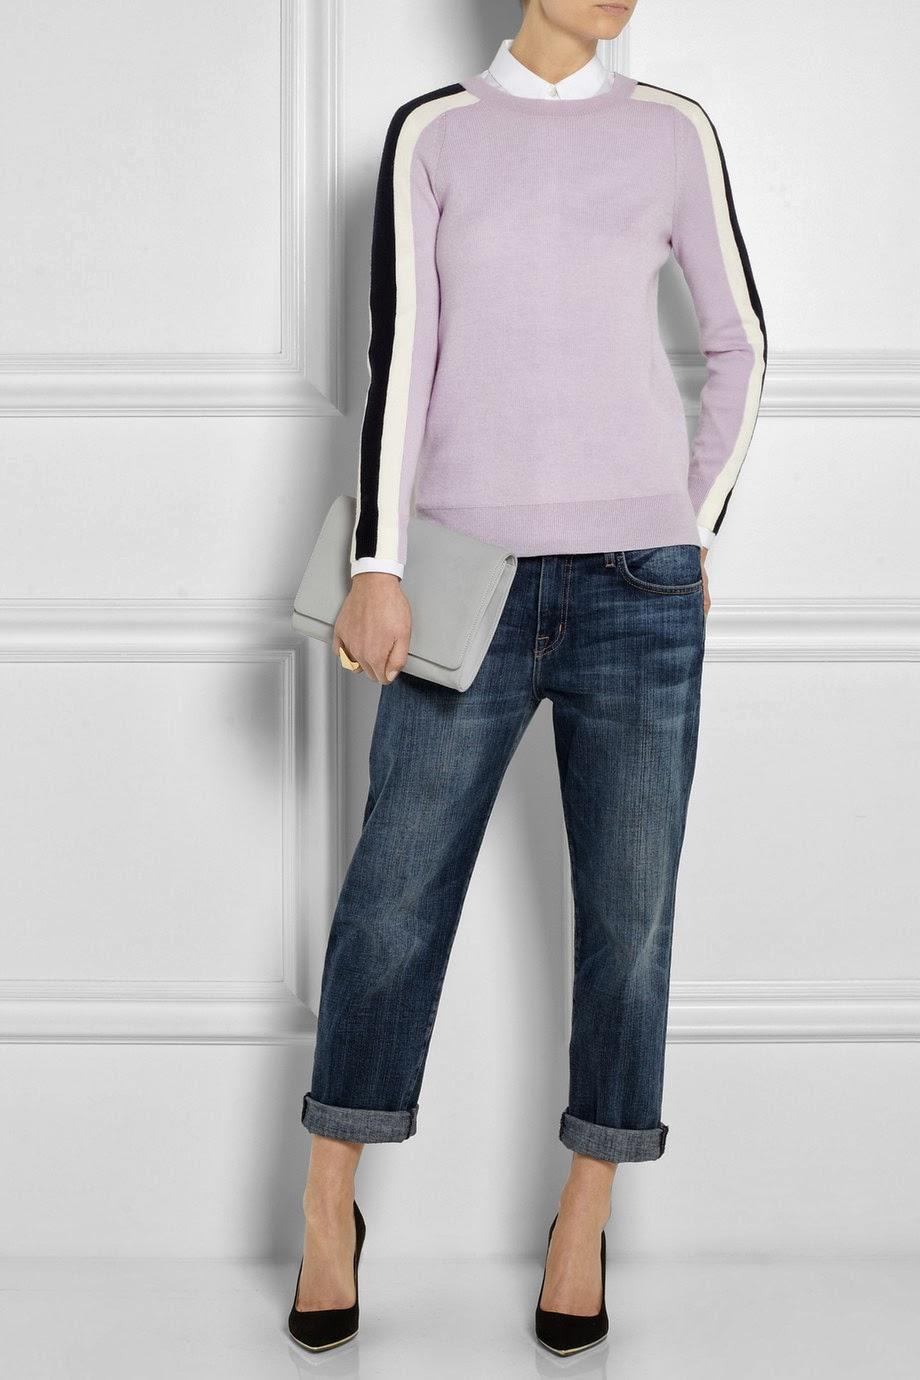 J Crew lilac jumper